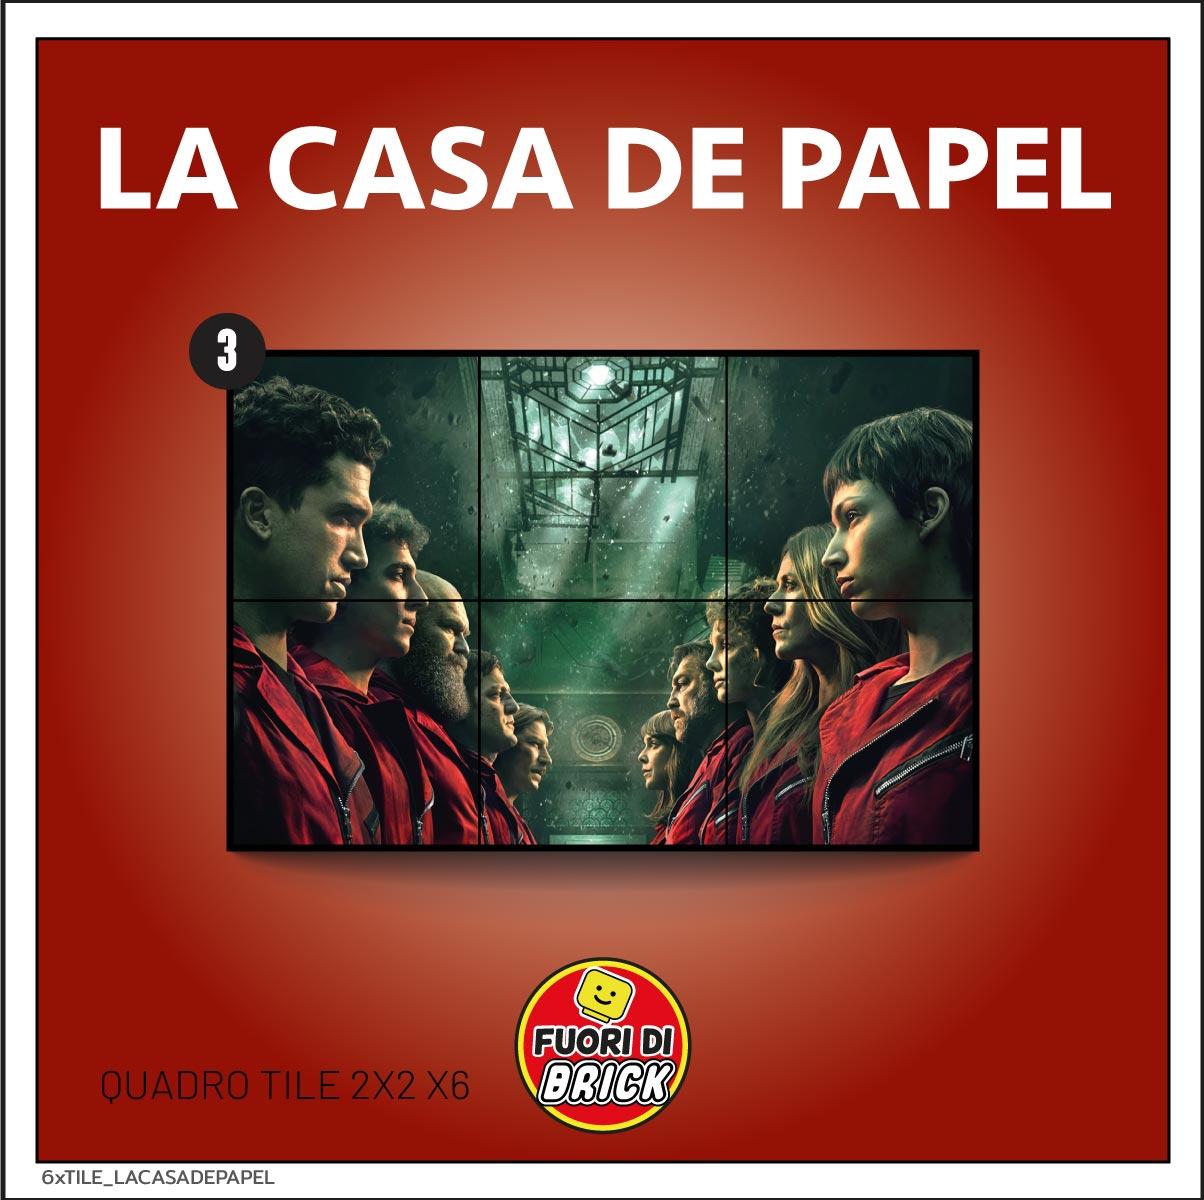 QUADRO TILE 2x2 x6_LA CASA DE PAPEL